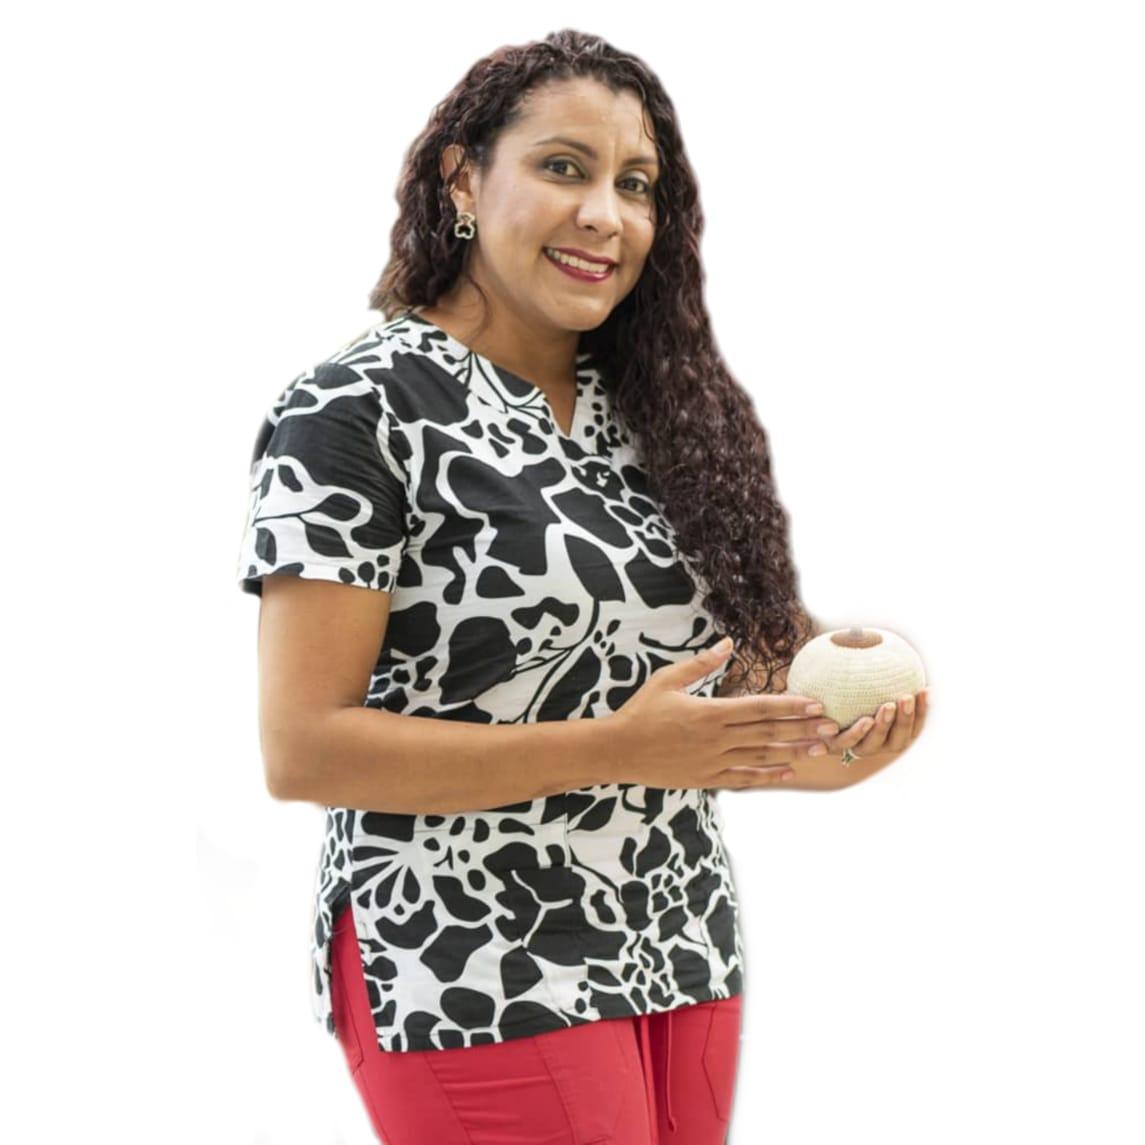 Olga de Acevedo (Enfermera - Especialista en Lactancia Humana)